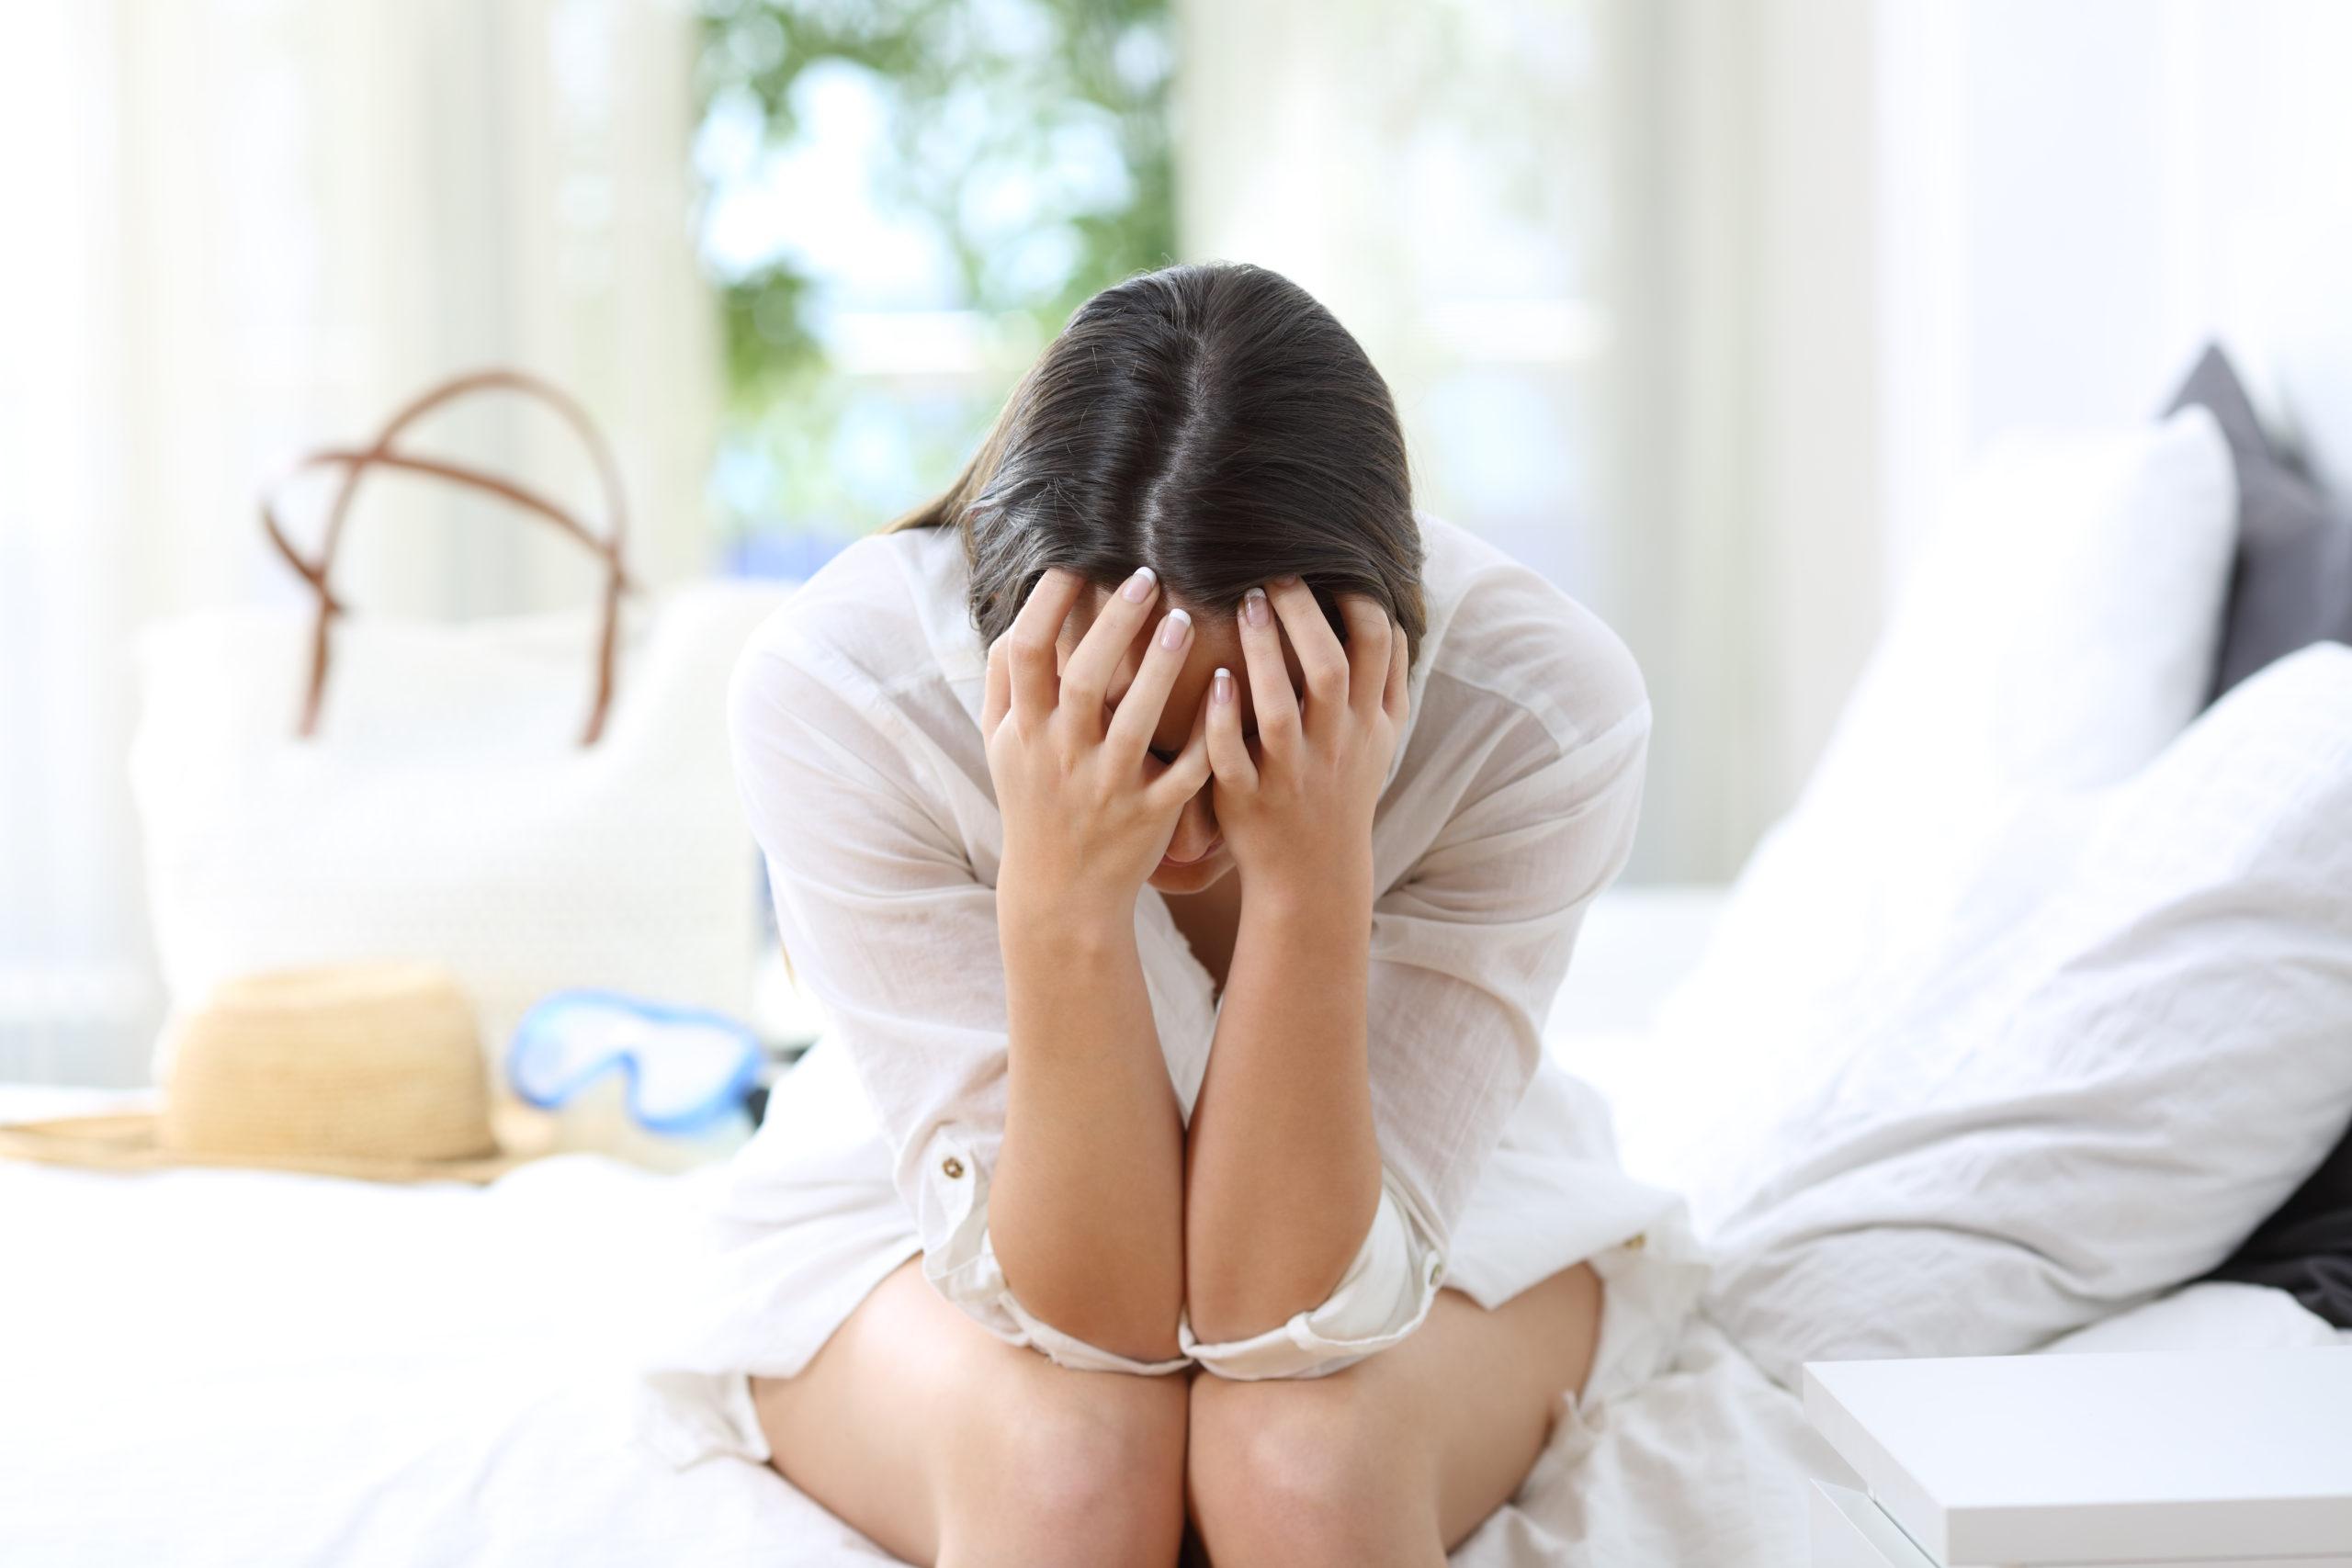 front-view-portrait-sad-woman-complaining-1065008678